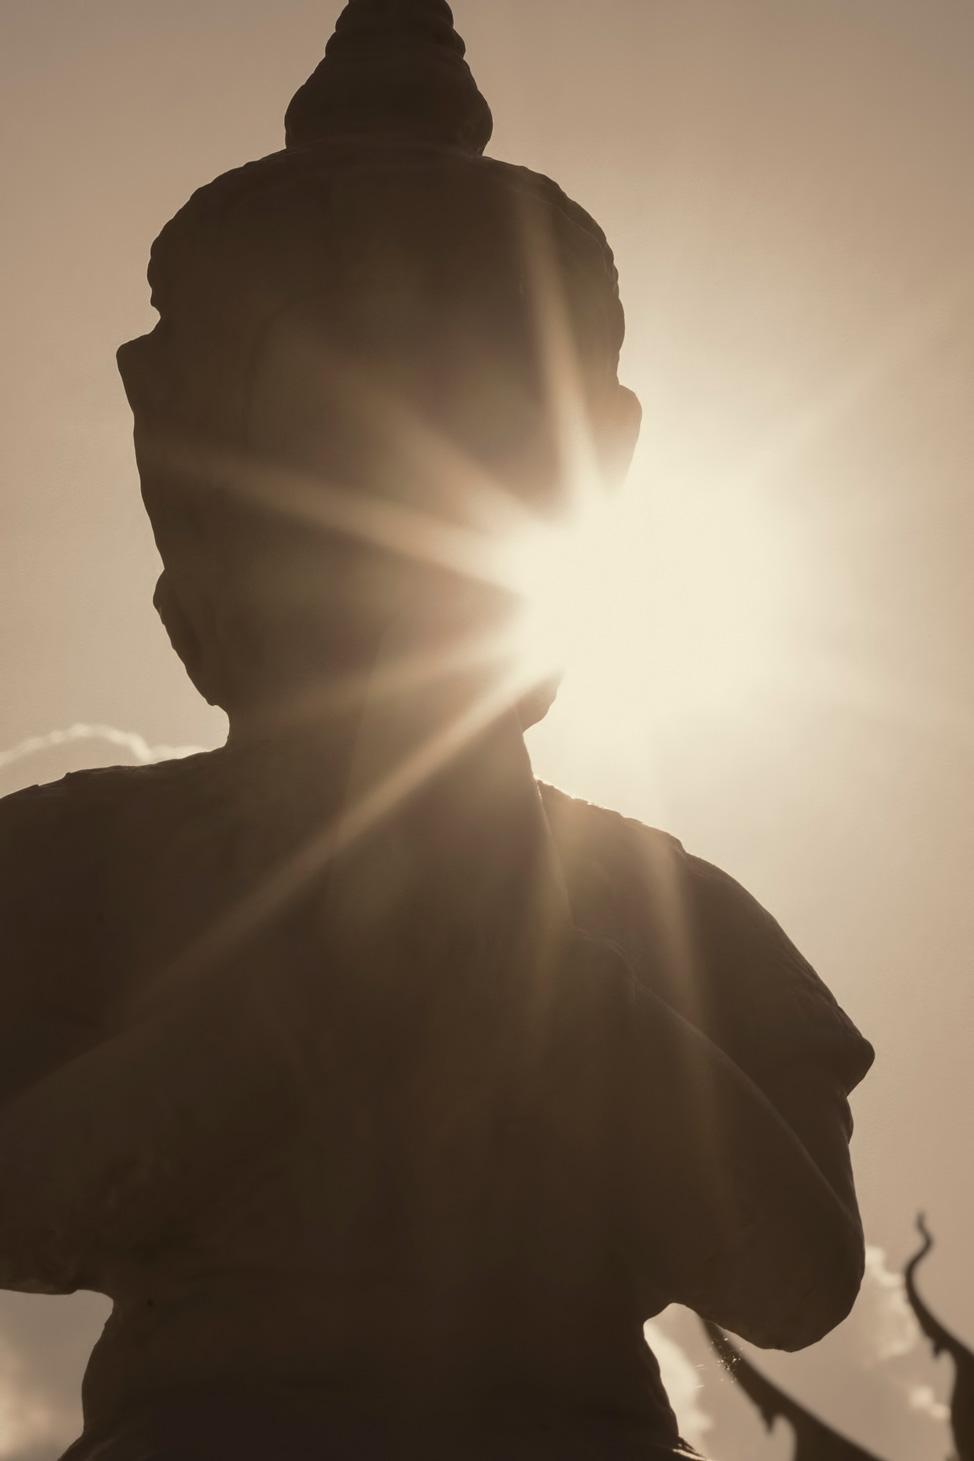 Shining Buddha